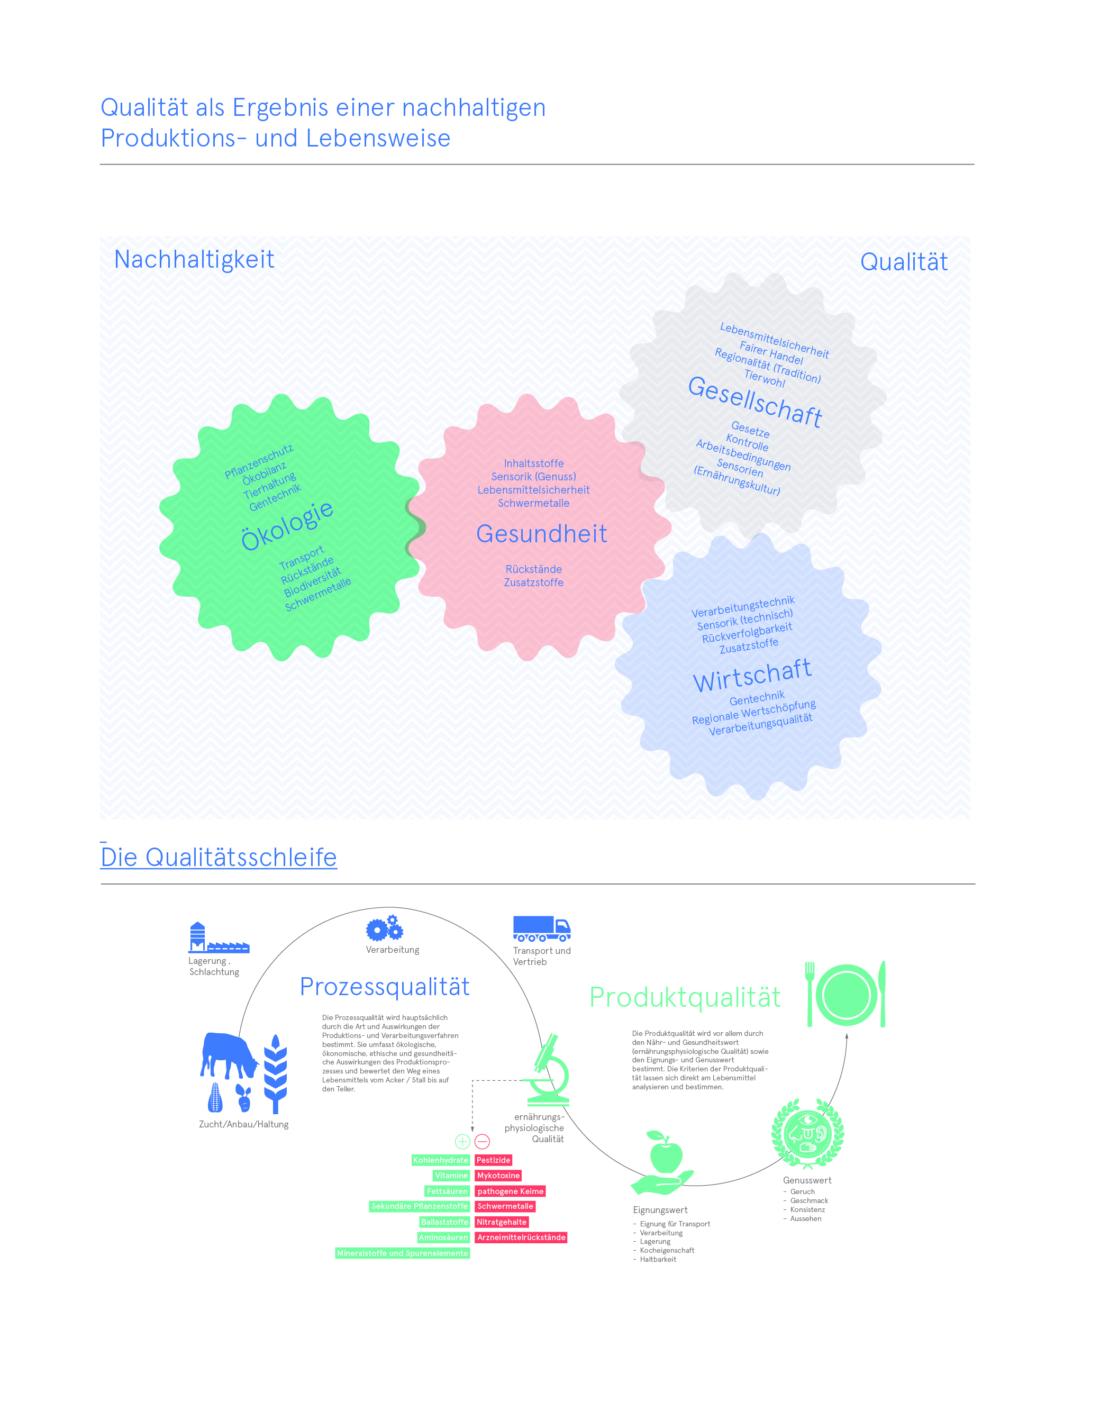 Prozessqualität Qualität verpflichtet, Bio 3.0, #biodreinull, Wissensvisualisierung, FiBL, dform, SCR